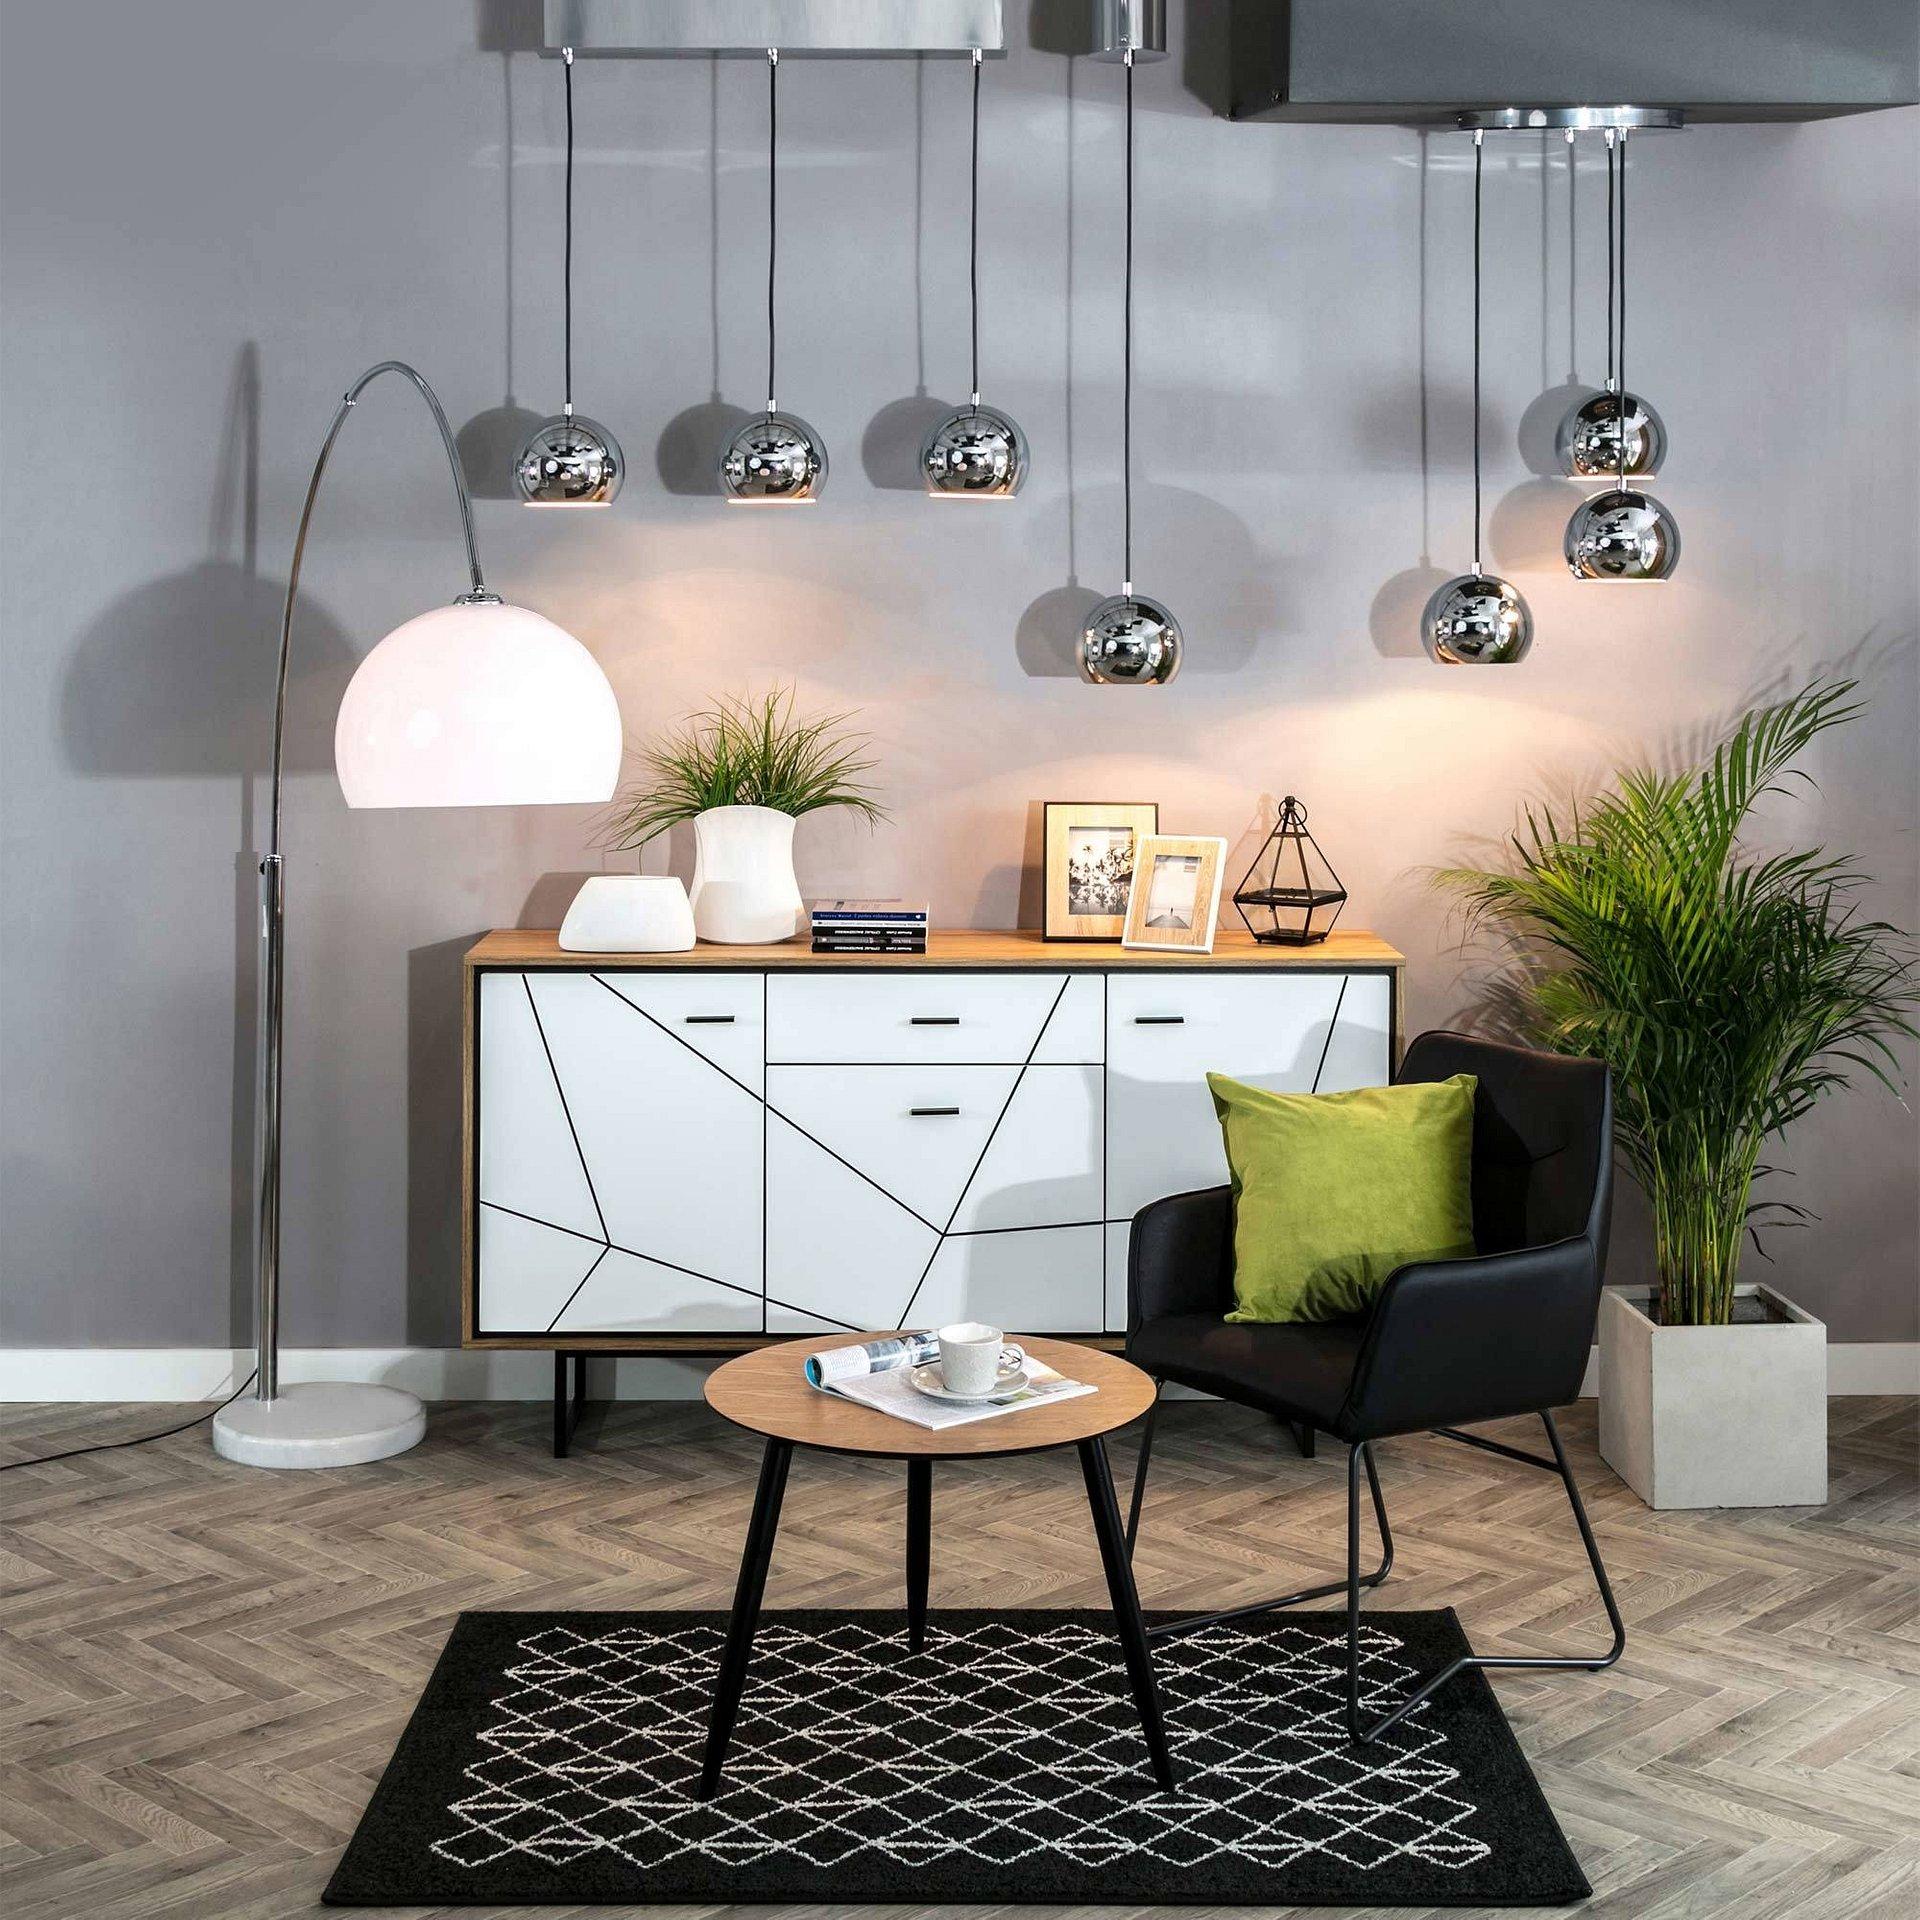 Oświetlenie podstawą aranżacji wnętrza – poznaj aktualne trendy w tej kategorii